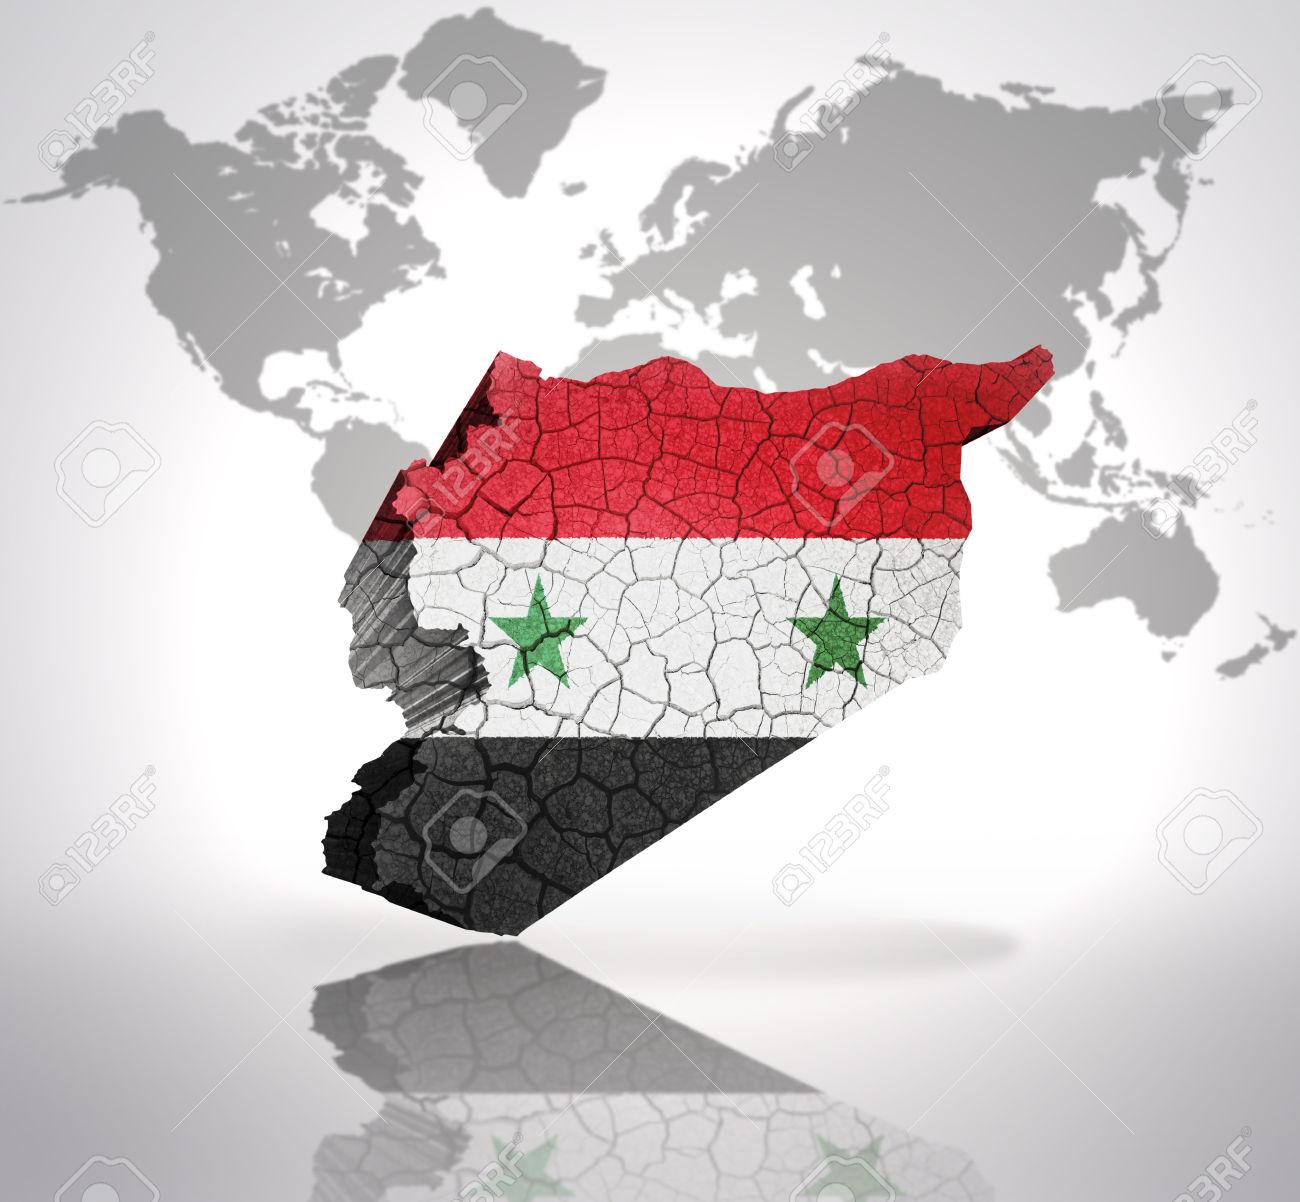 Colloque annulé sur « la Syrie en guerre » : ou quand « les mots font désormais peur » au président de la Sorbonne 4 !